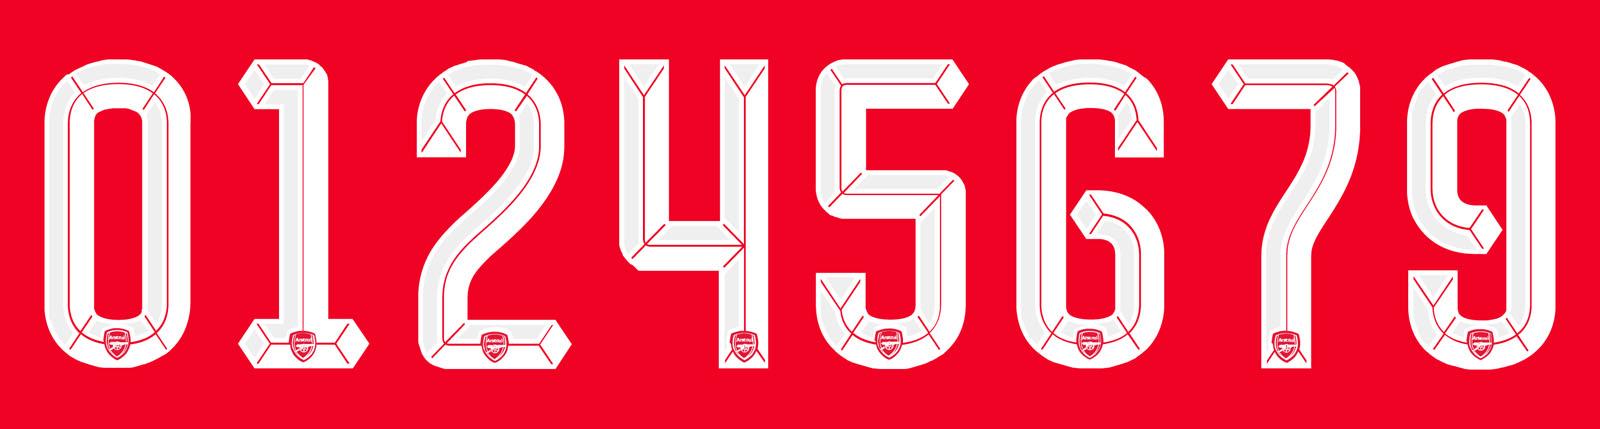 Arsenal Lima Enam Kit Font Revealed Footy Headlines